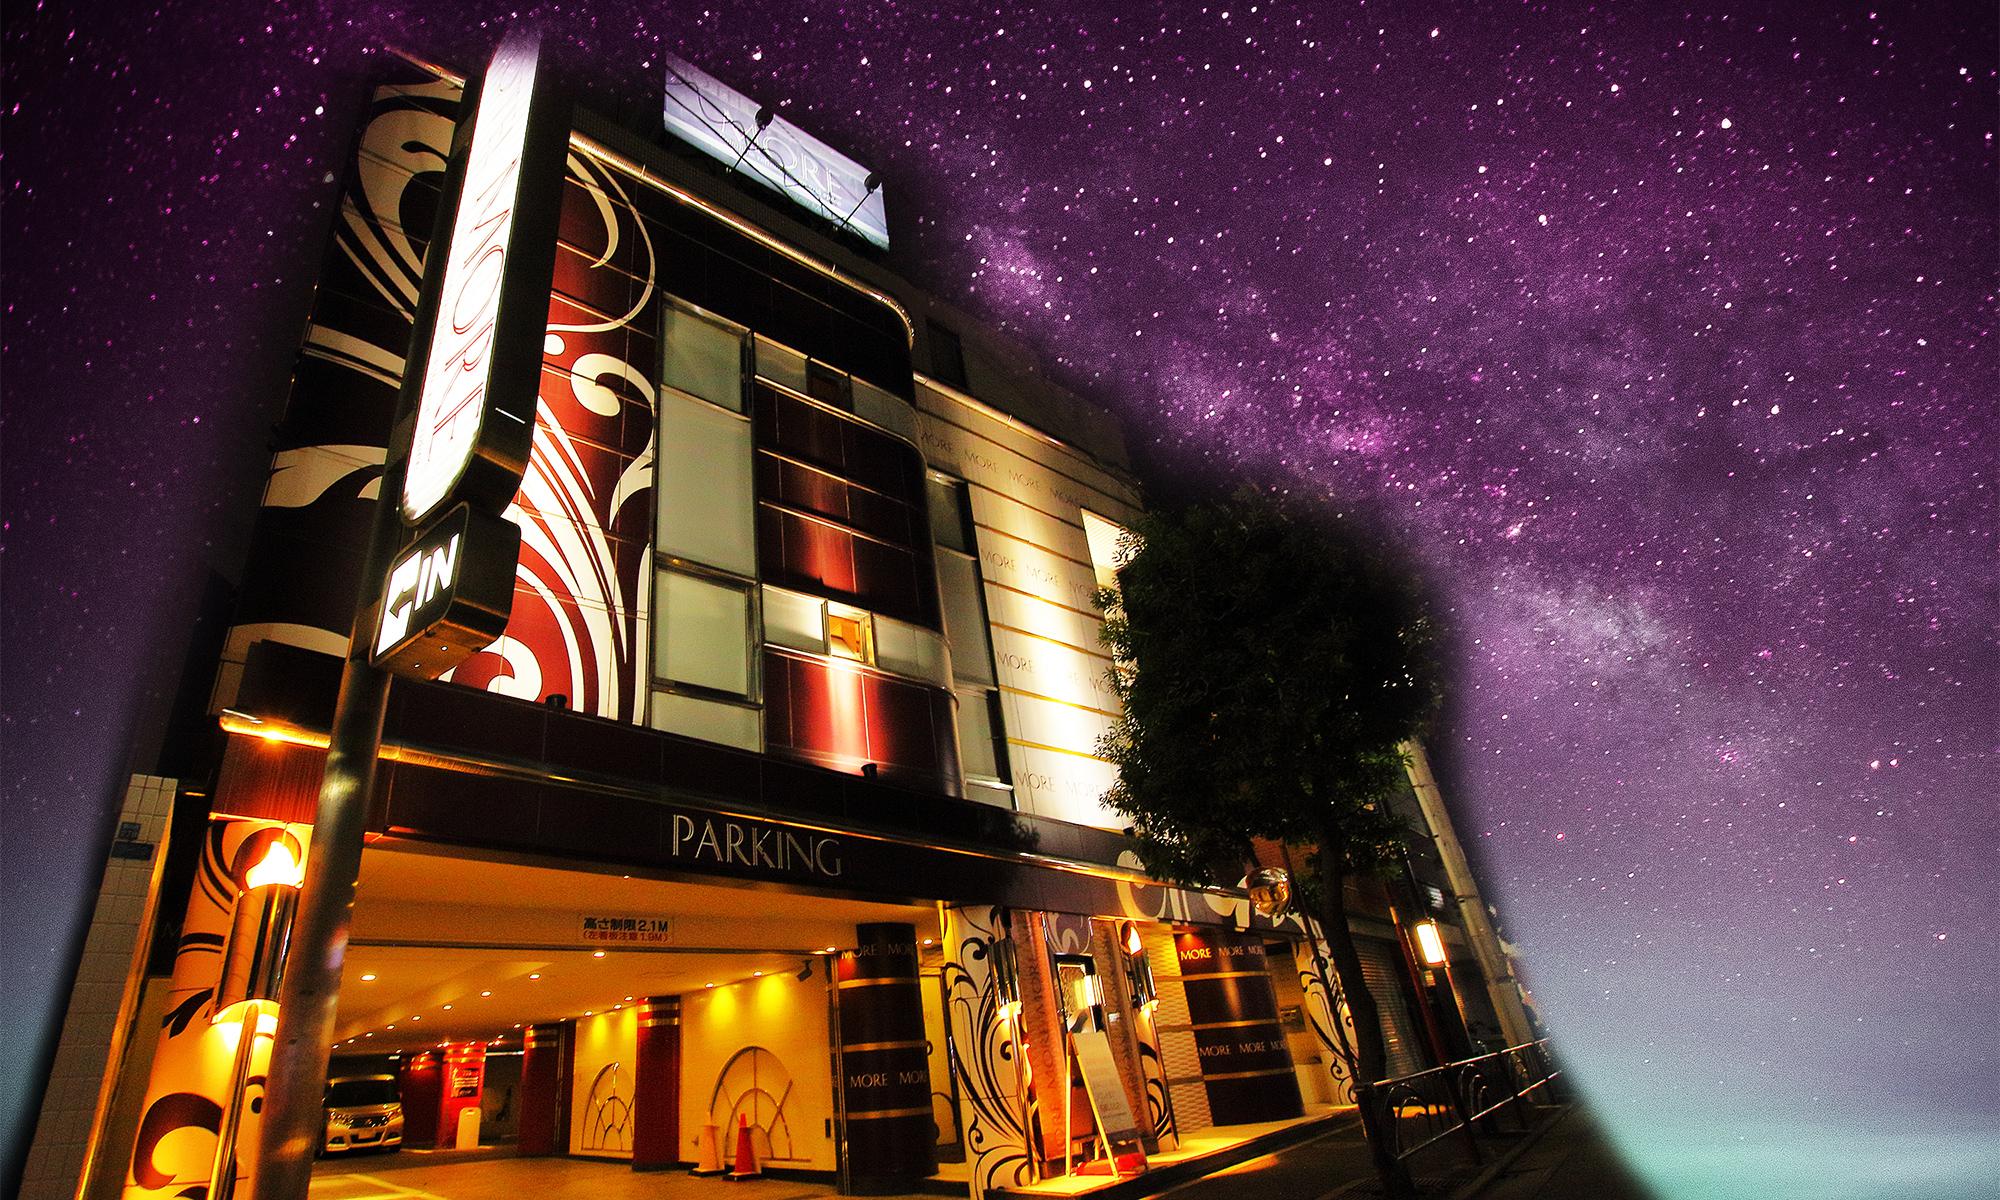 東京都葛飾区新小岩のHOTEL MORE - イメージ1